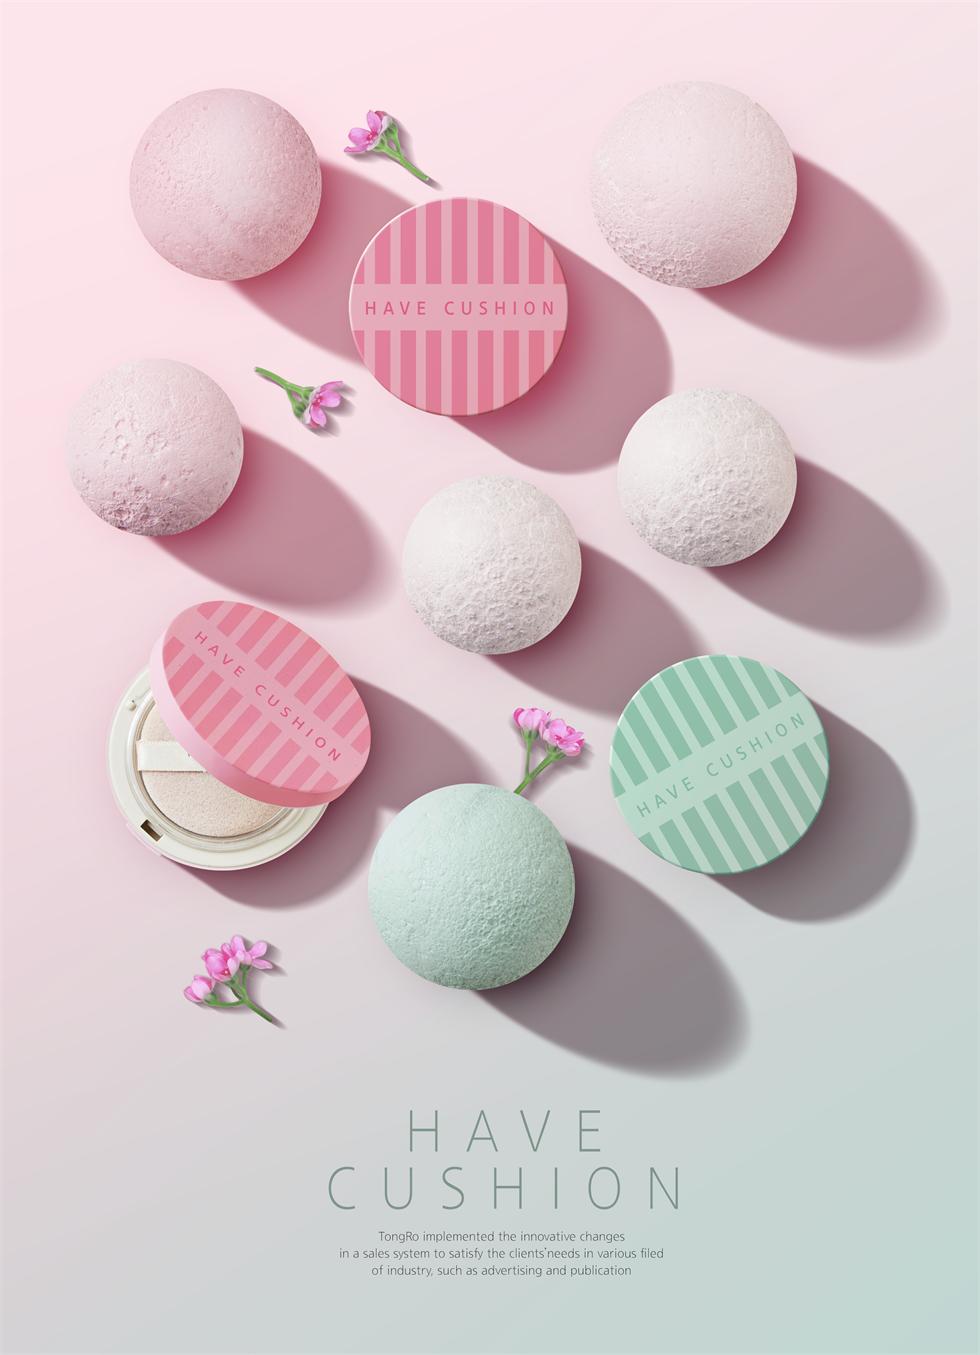 简约小清新淡雅时尚气垫bb粉饼海报